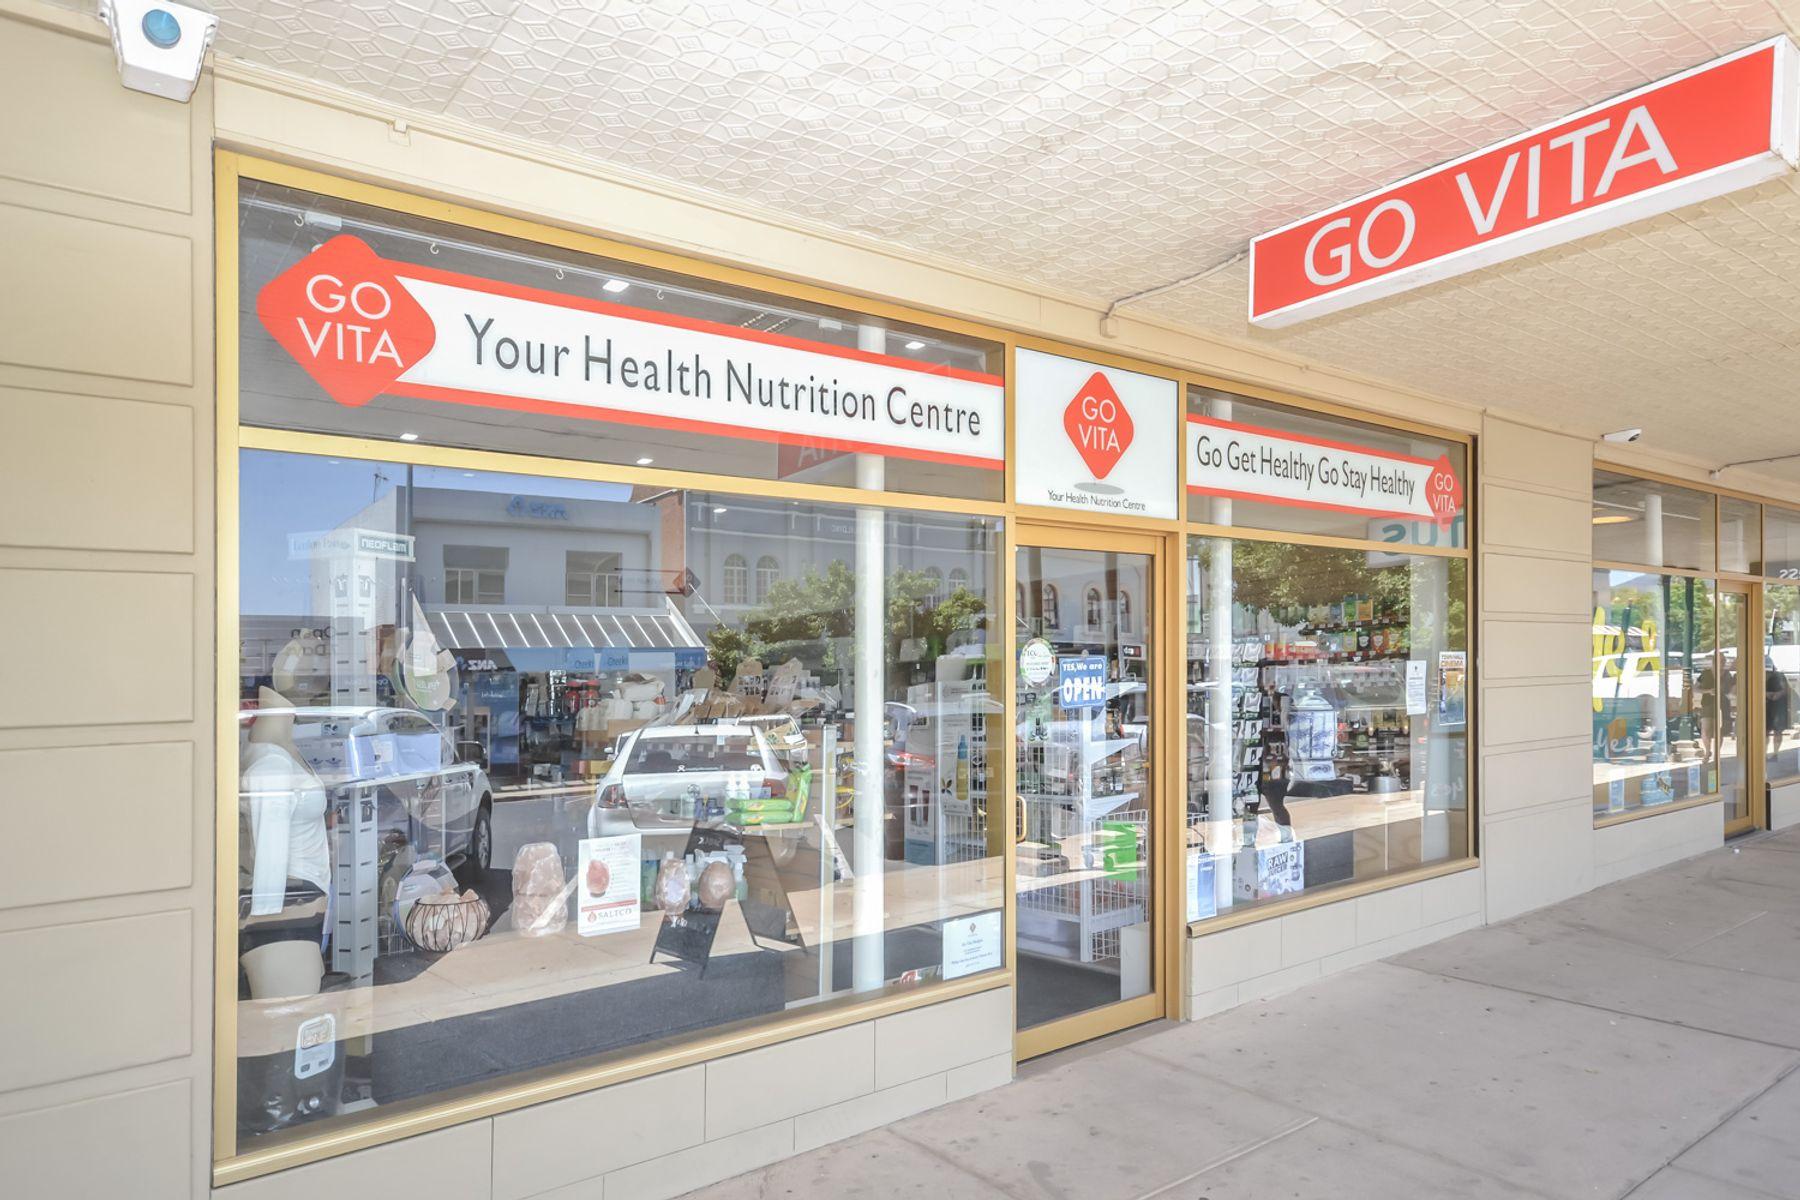 Go Vita Mudgee Town Centre Arcade, 19-41 Church Street, Mudgee, NSW 2850